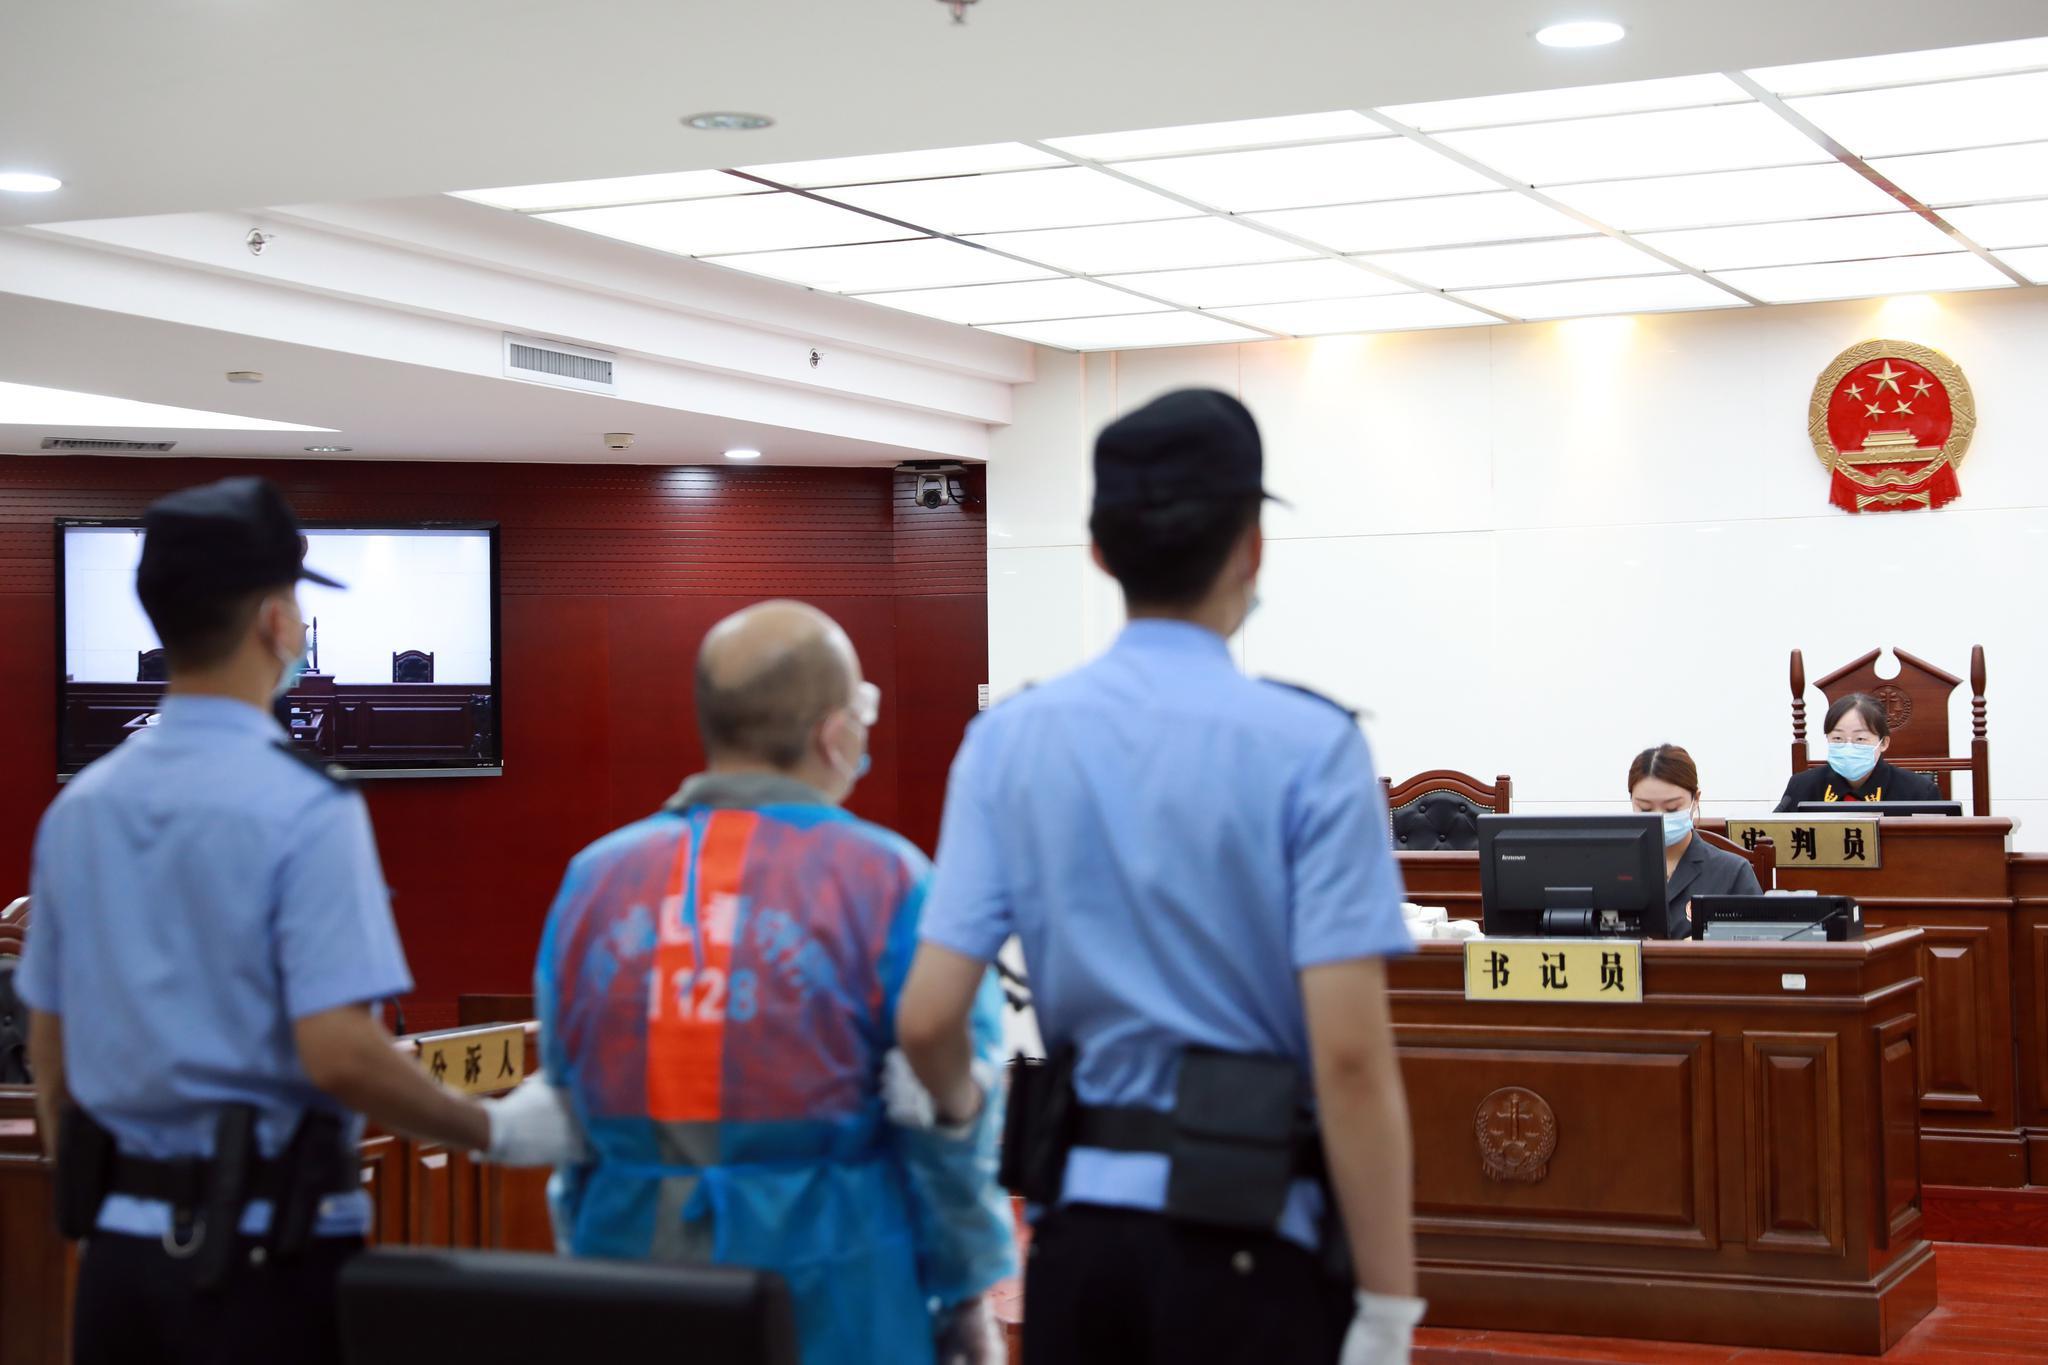 男子谎称可办京牌诈骗2万元获刑10个月